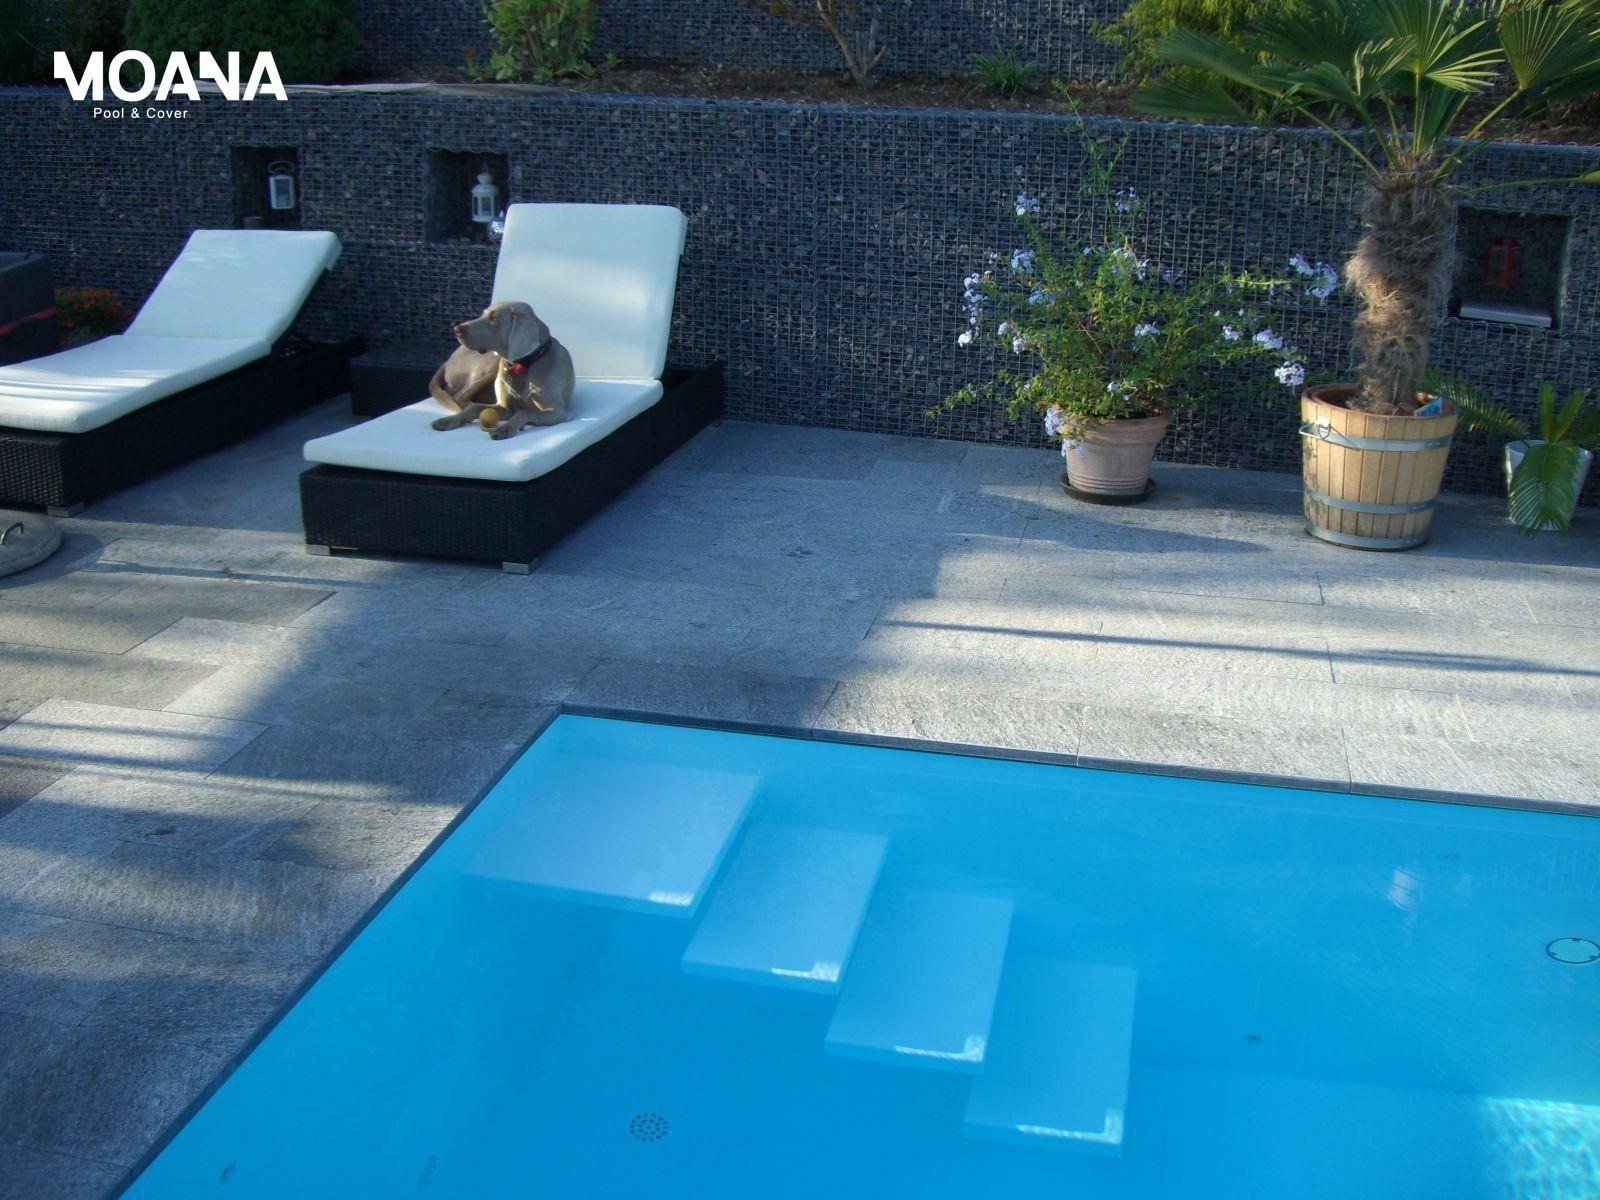 schwimmbad mit verdeckter berlaufrinne und herzigem hund schwimmbad kunststoff pinterest. Black Bedroom Furniture Sets. Home Design Ideas